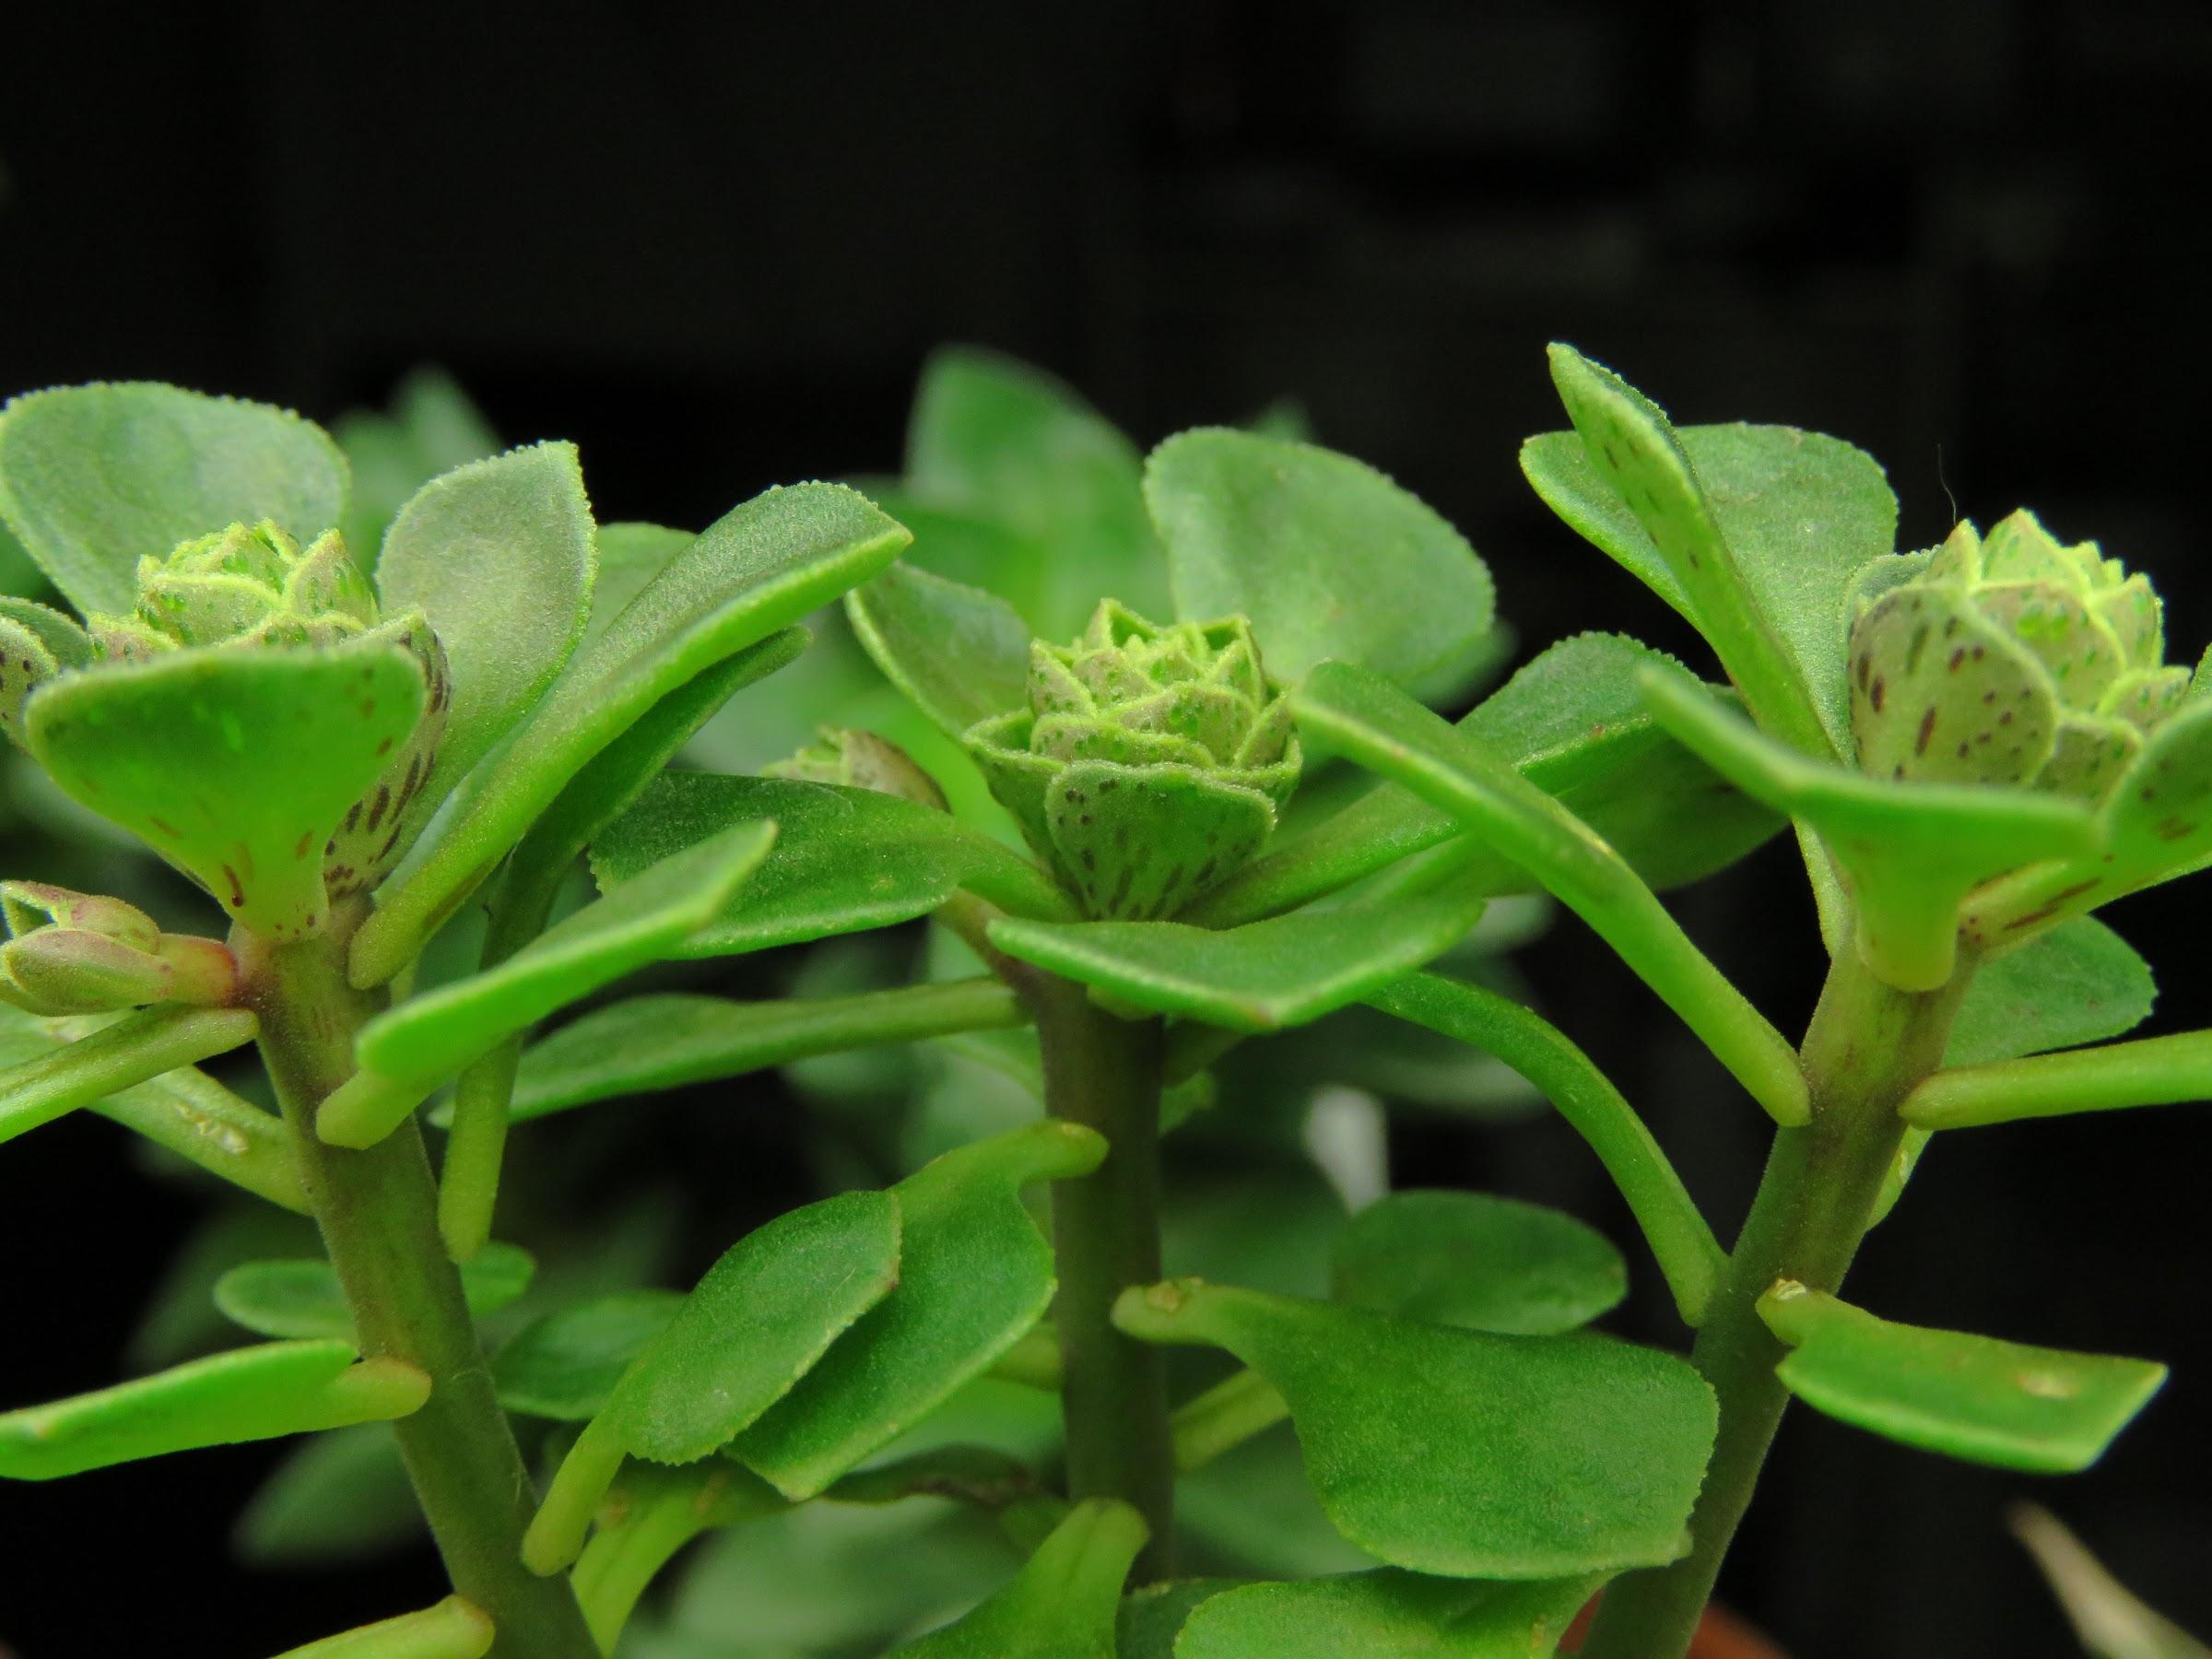 Mes petites plantes grasses et cactées - Page 6 LCHoycRAnM4dsvAOYJ6oajbtLMjTjFV_Lf1sKDCAgm4y2Vp4XBbZG8Wevjf_016Y5luIK-ZFXuyzd8Mb2Z8ivQkkY0yn_NJceD9OtSZmIvCVuZg1AXAX9R3dNTIizBLc71TYA8ceSZg=w2400